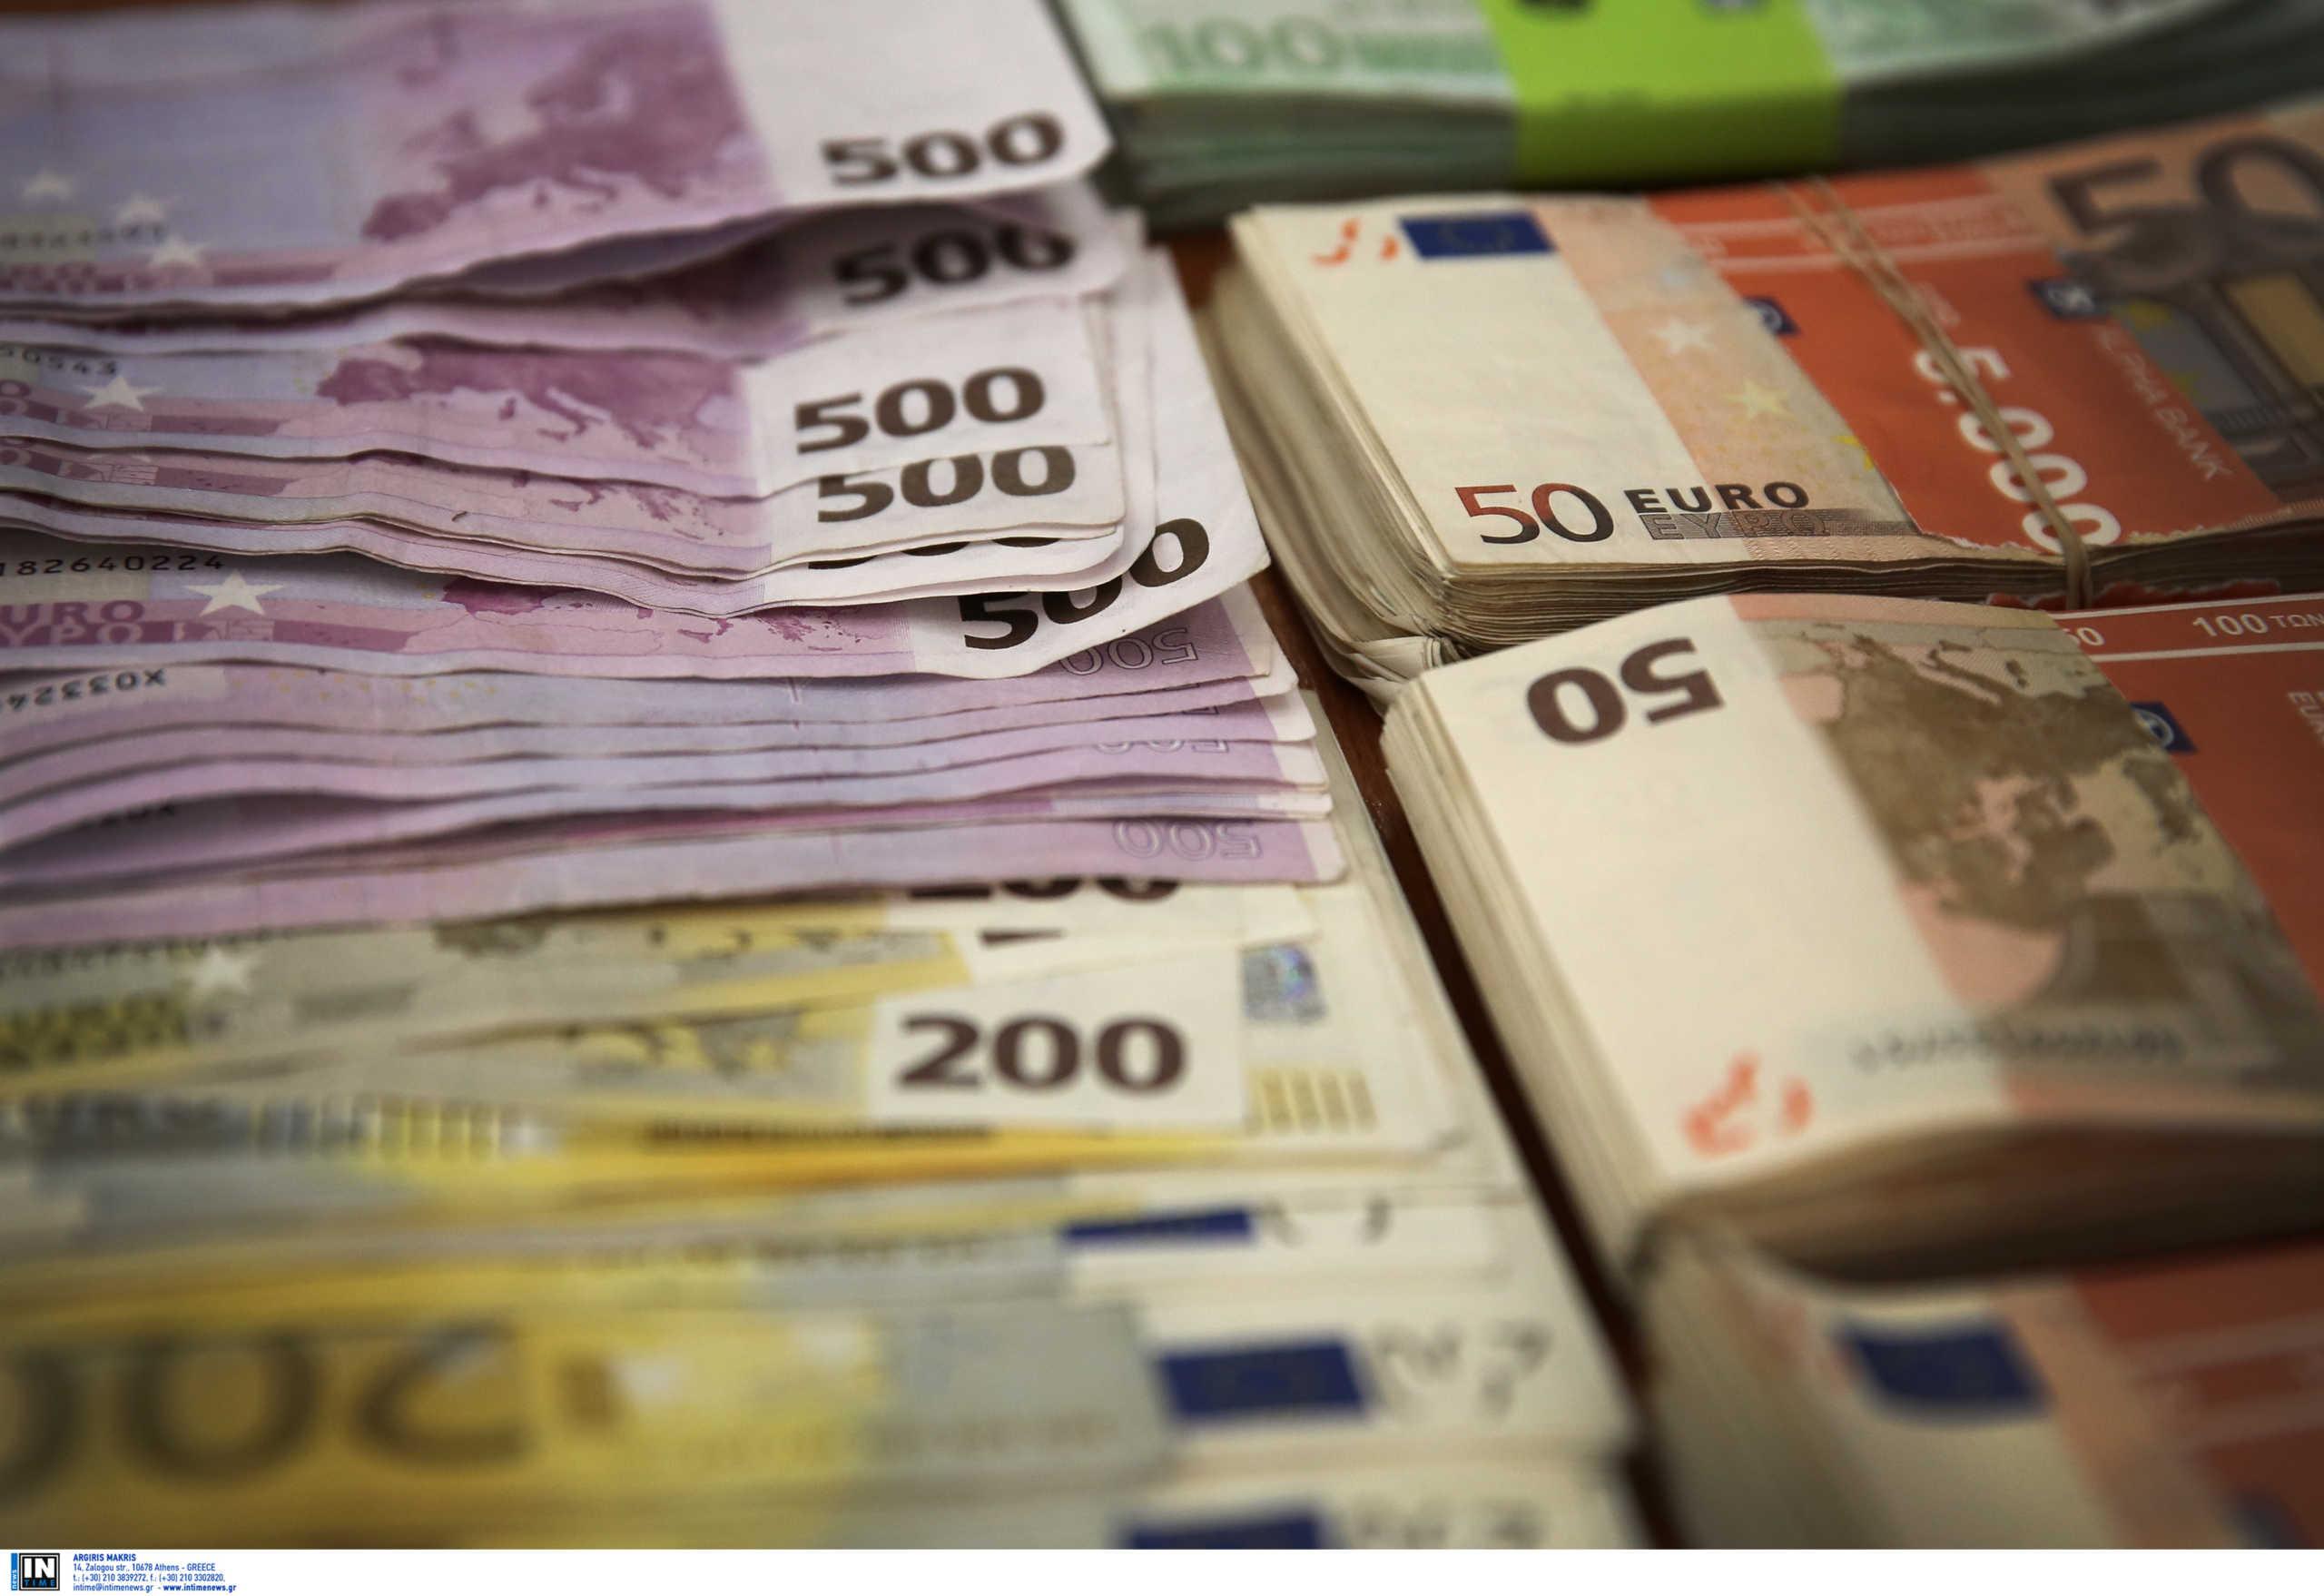 ΟΠΕΚΕΠΕ: Καταβολή 7,1 εκατ. ευρώ σε 3.745 δικαιούχους